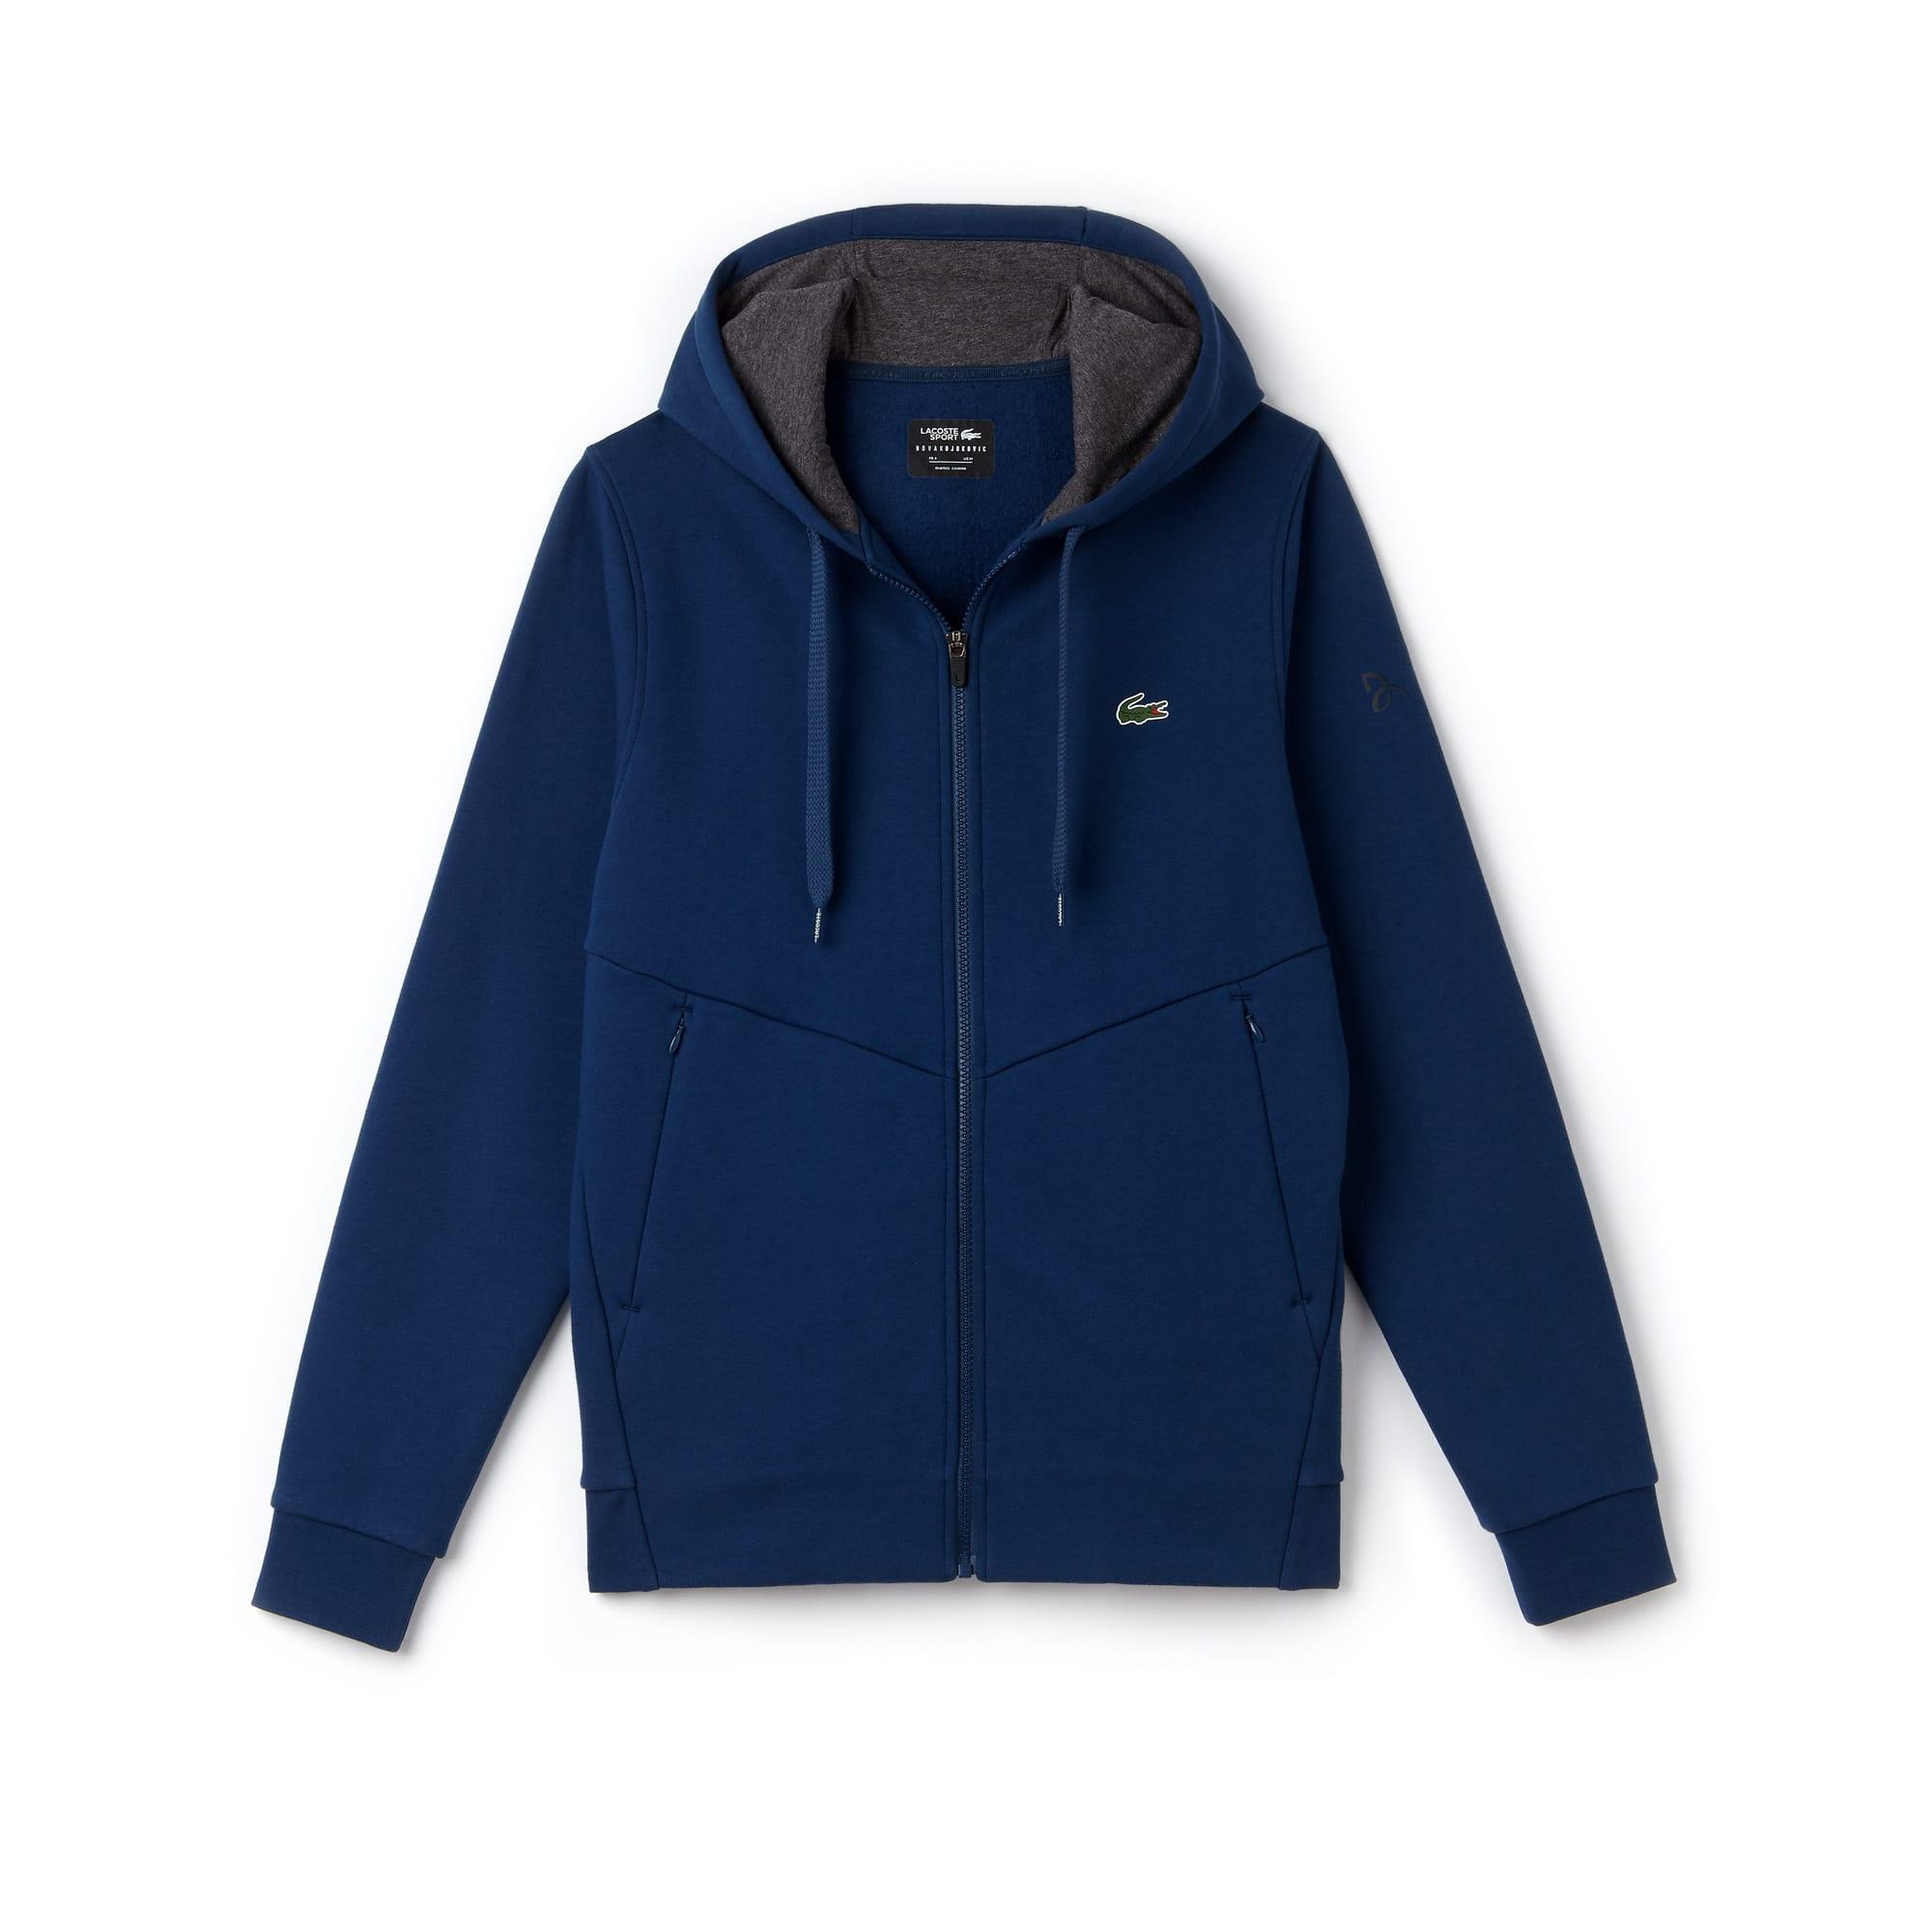 Sweatshirt zippé à capuche Lacoste SPORT Collection Novak Djokovic - Off Court en molleton technique uni